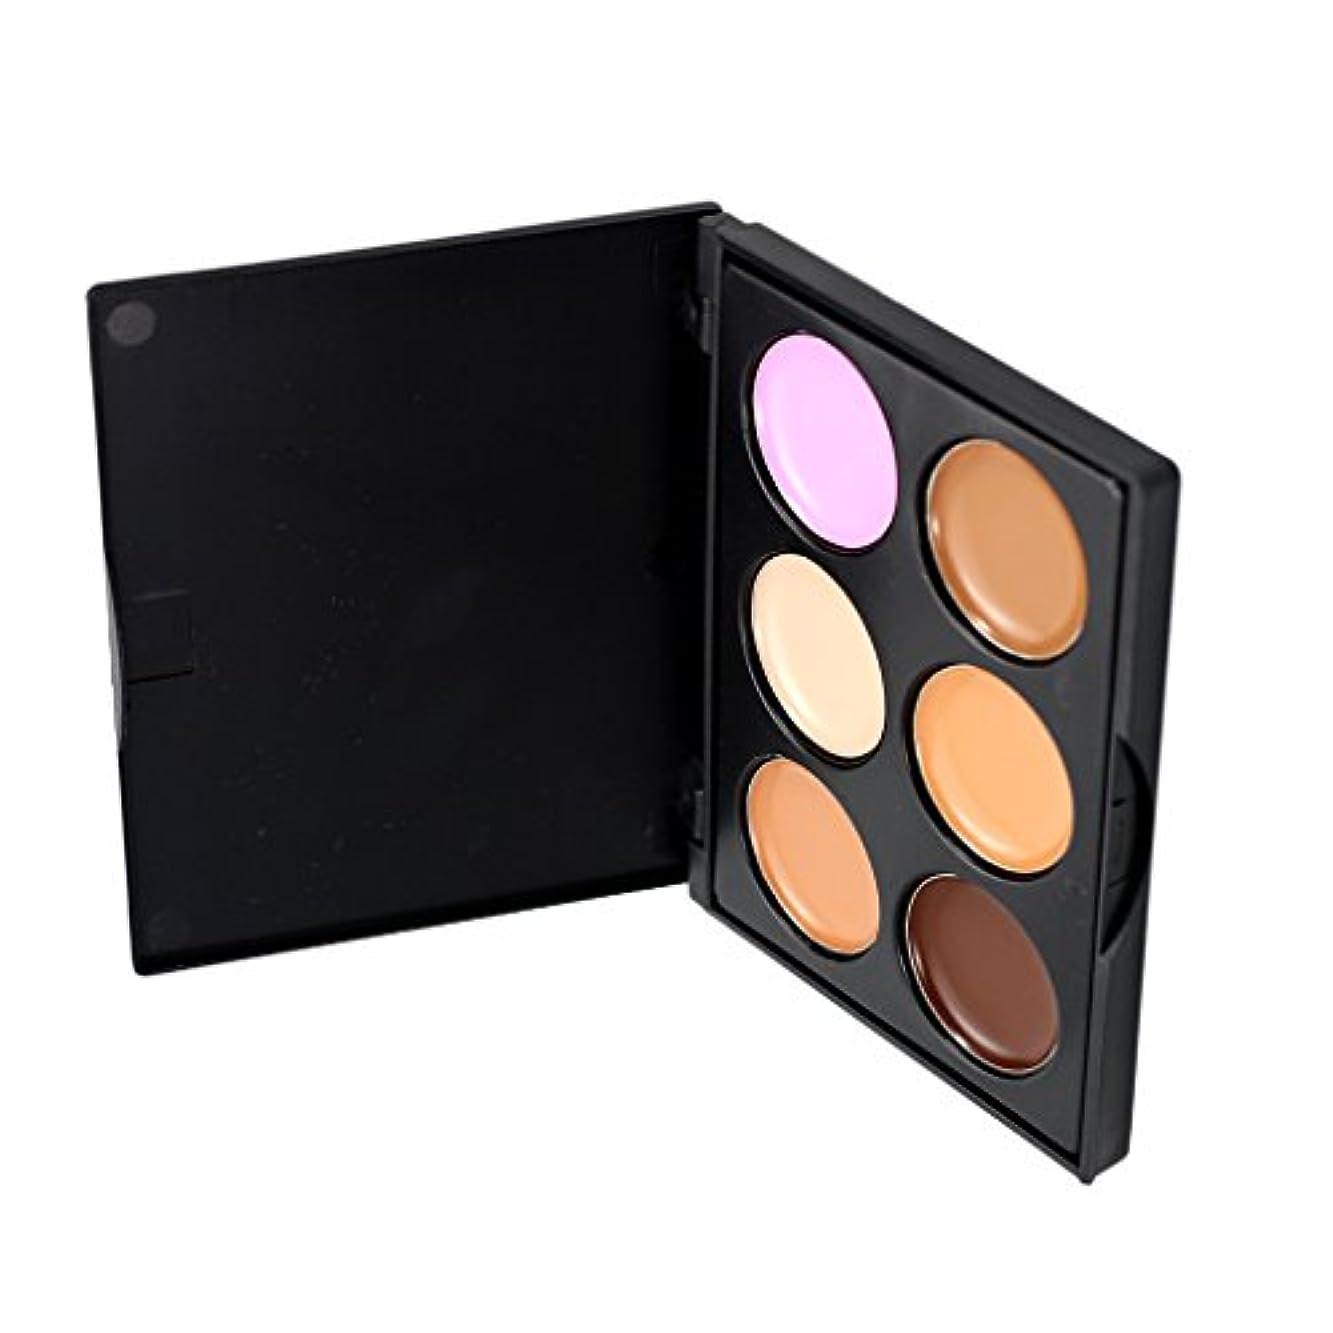 マカダムコントロールまた明日ねKesoto コンシーラー 6色パレット 化粧用 コンター フェイス 全3種選択可能     - #2